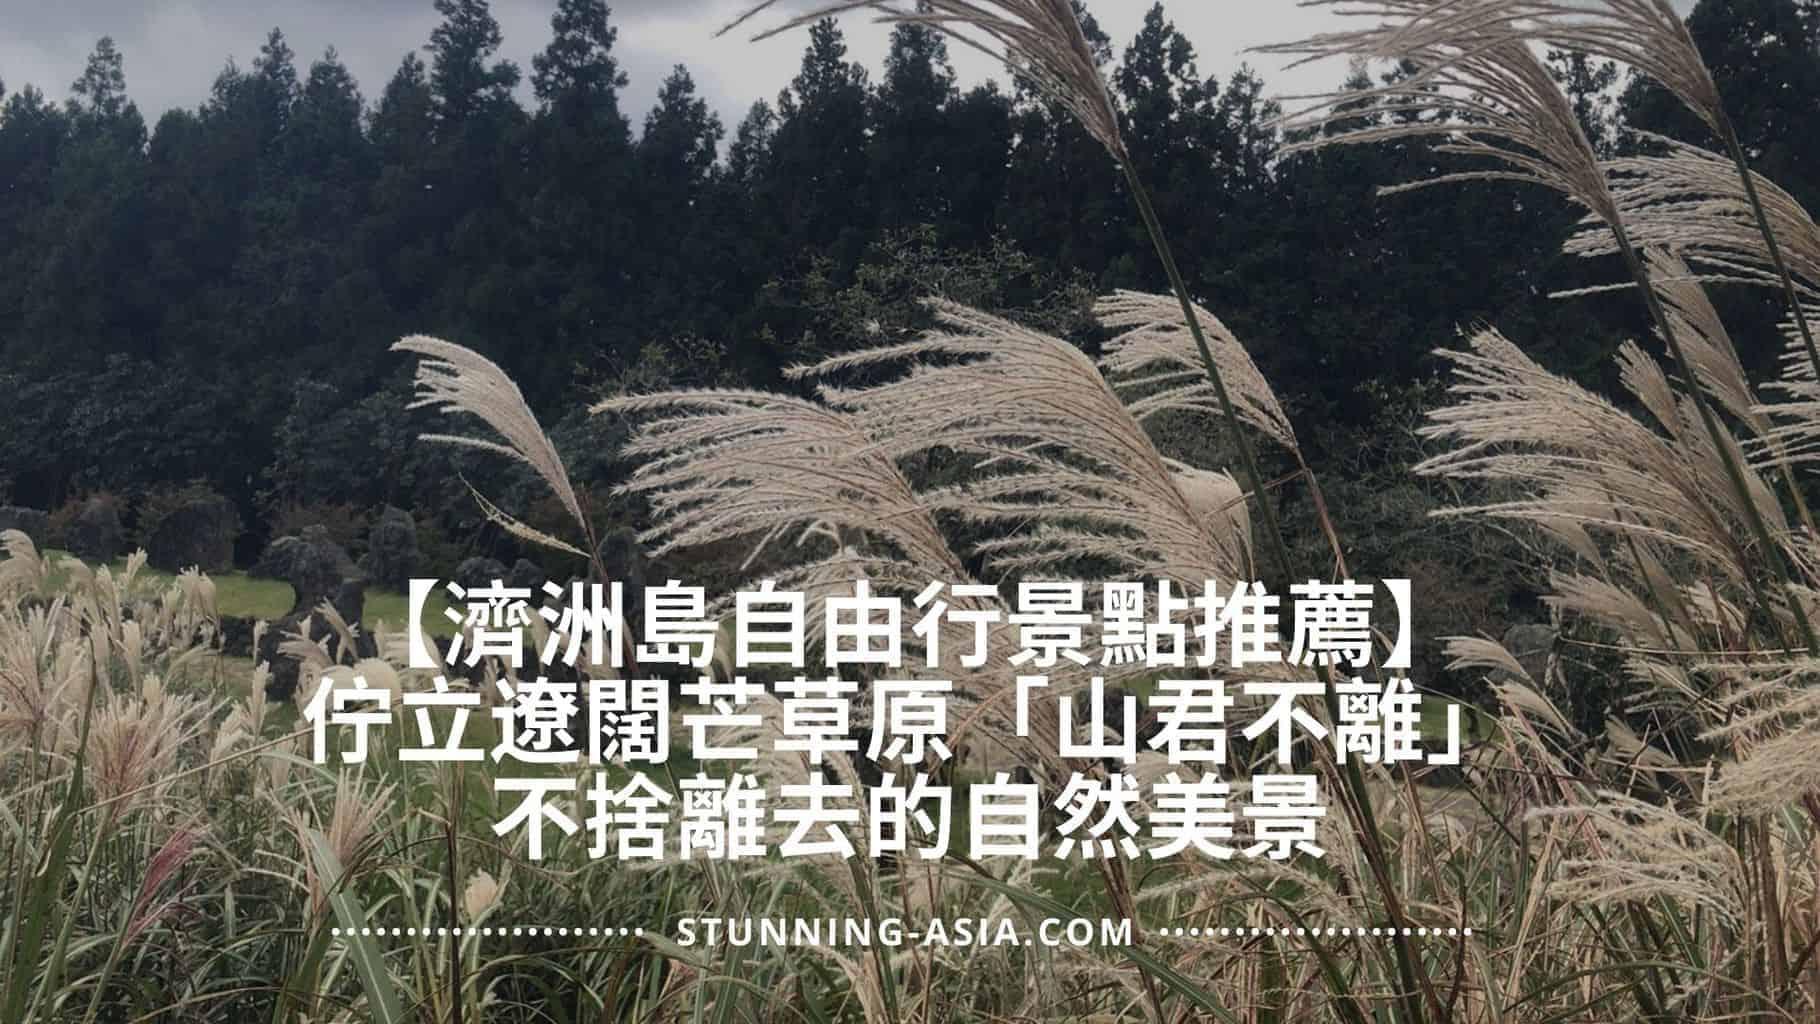 【濟洲島自由行景點推薦】佇立遼闊芒草原「山君不離」,不捨離去的自然美景